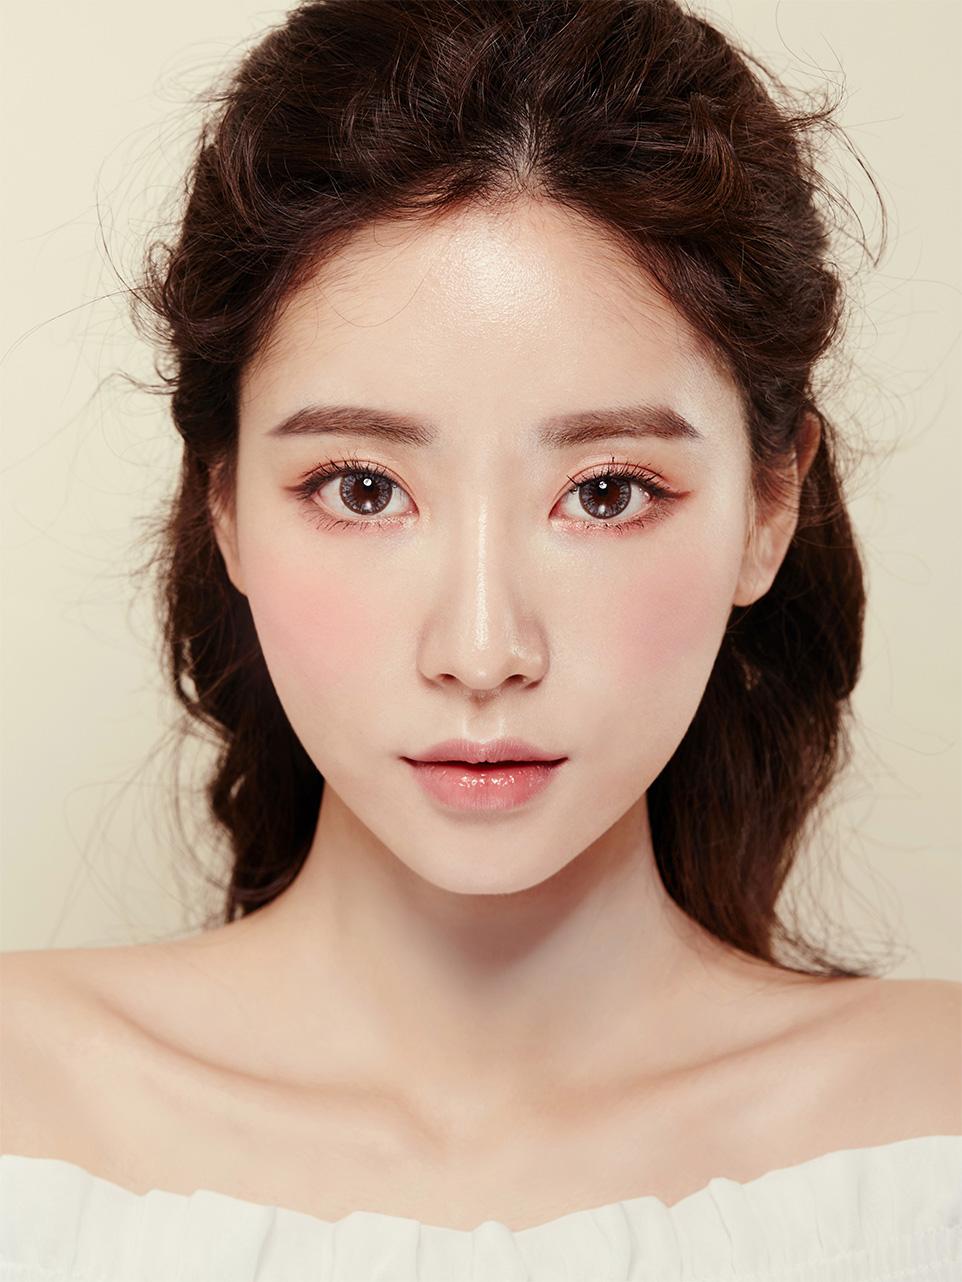 Kpop Makeup